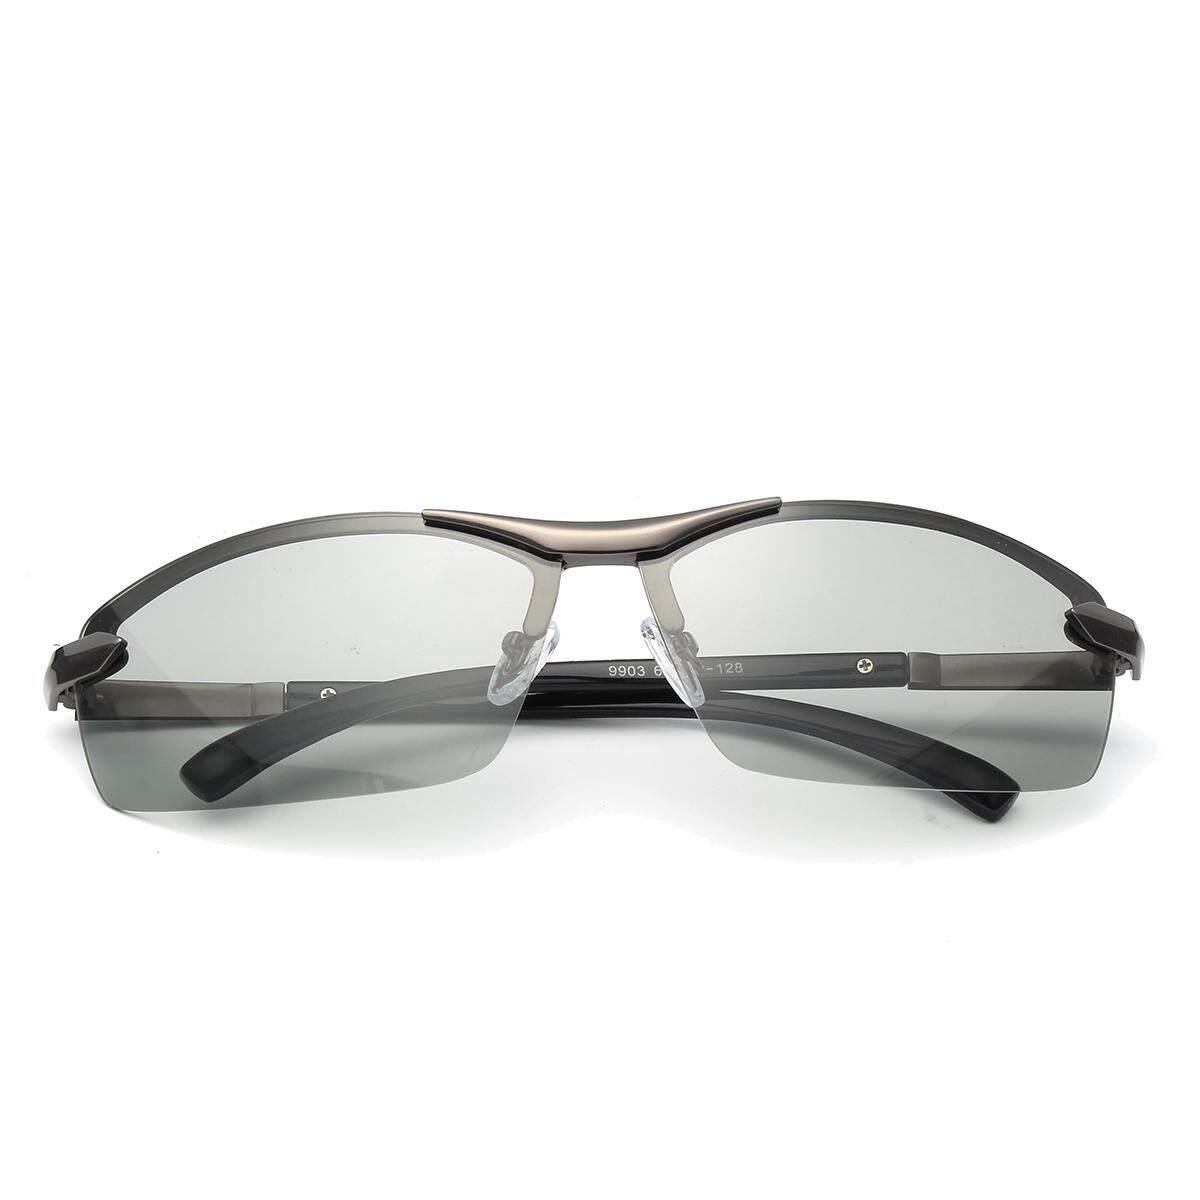 Fotokromik Terpolarisasi Kacamata untuk Pria Mengemudi Lensa Transisi Kacamata Hitam Abu-abu-Intl